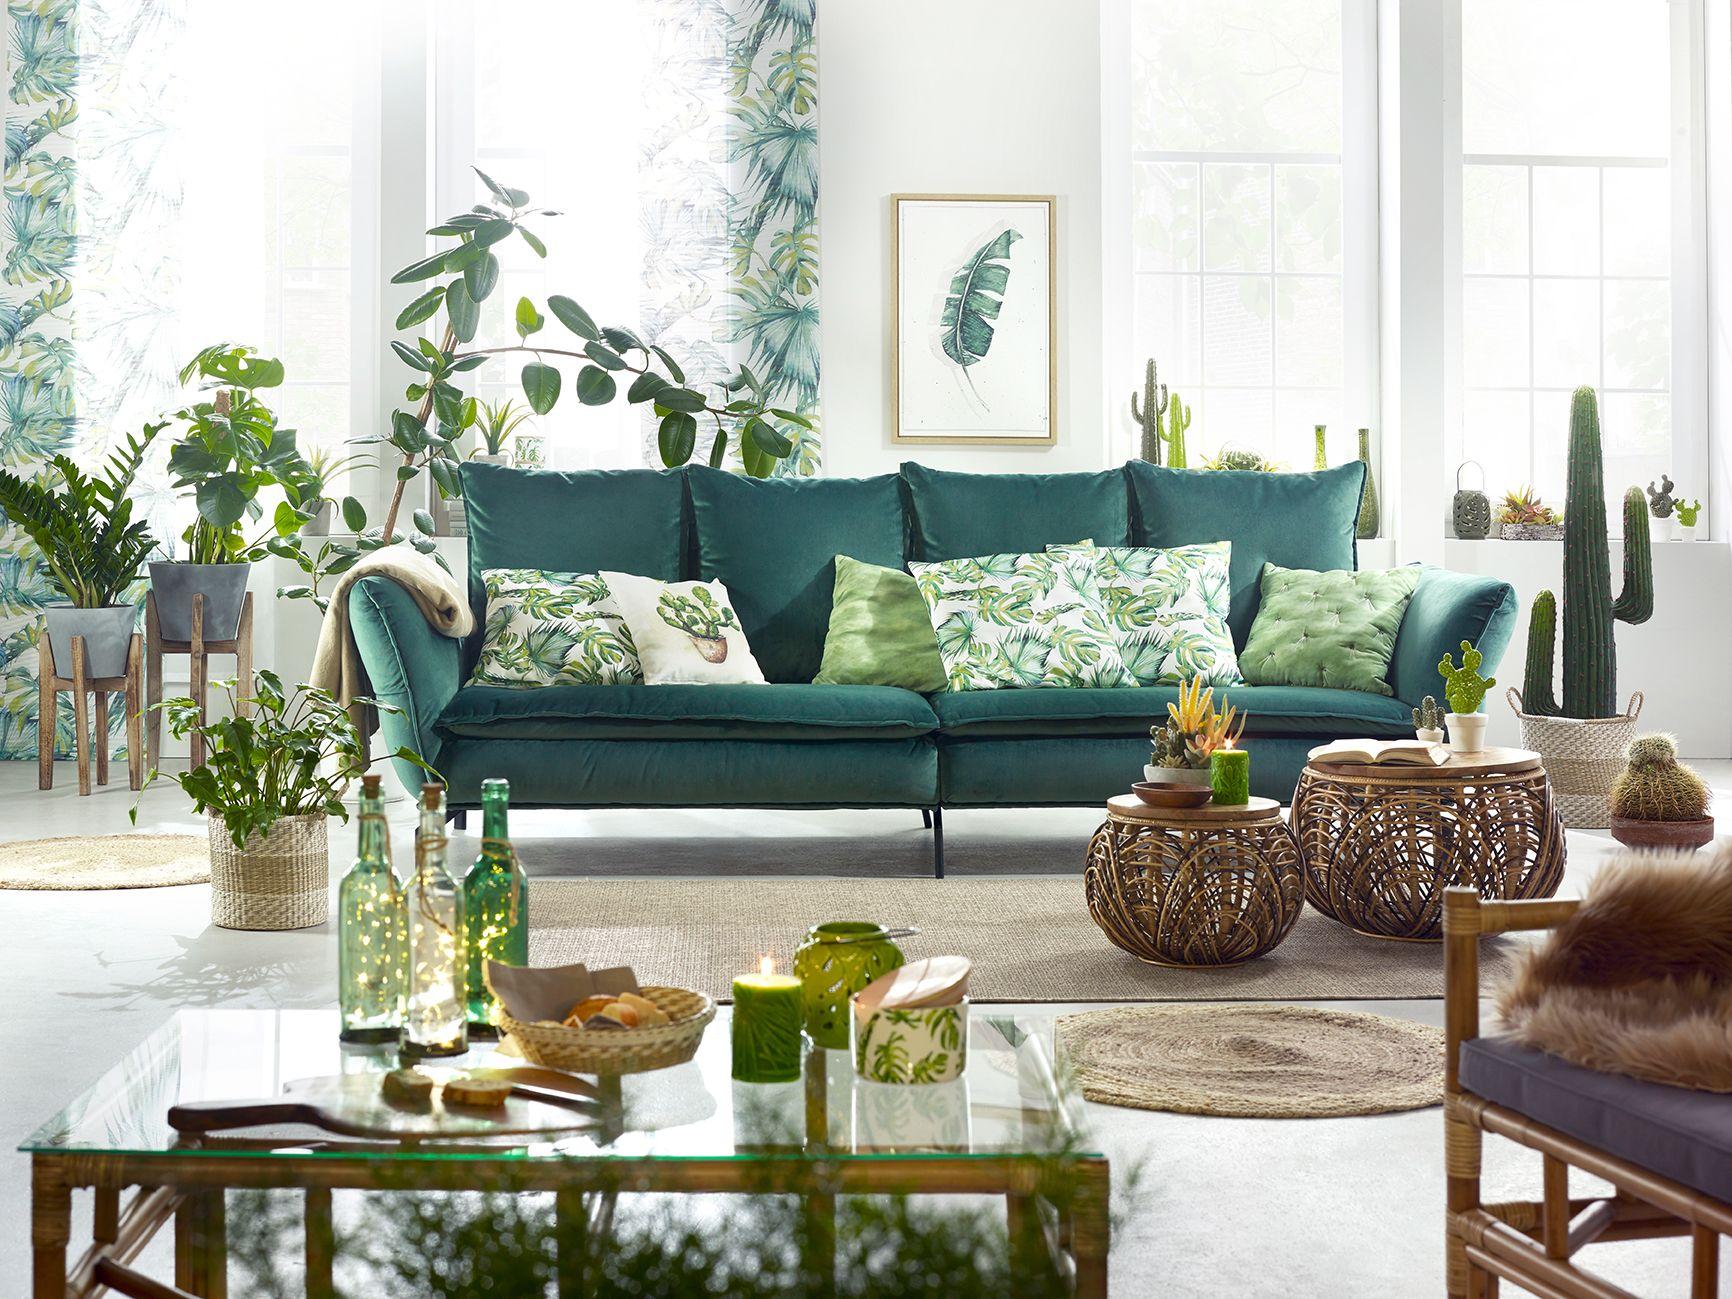 Wohnzimmer im DschungelLook mit grüner Couch und